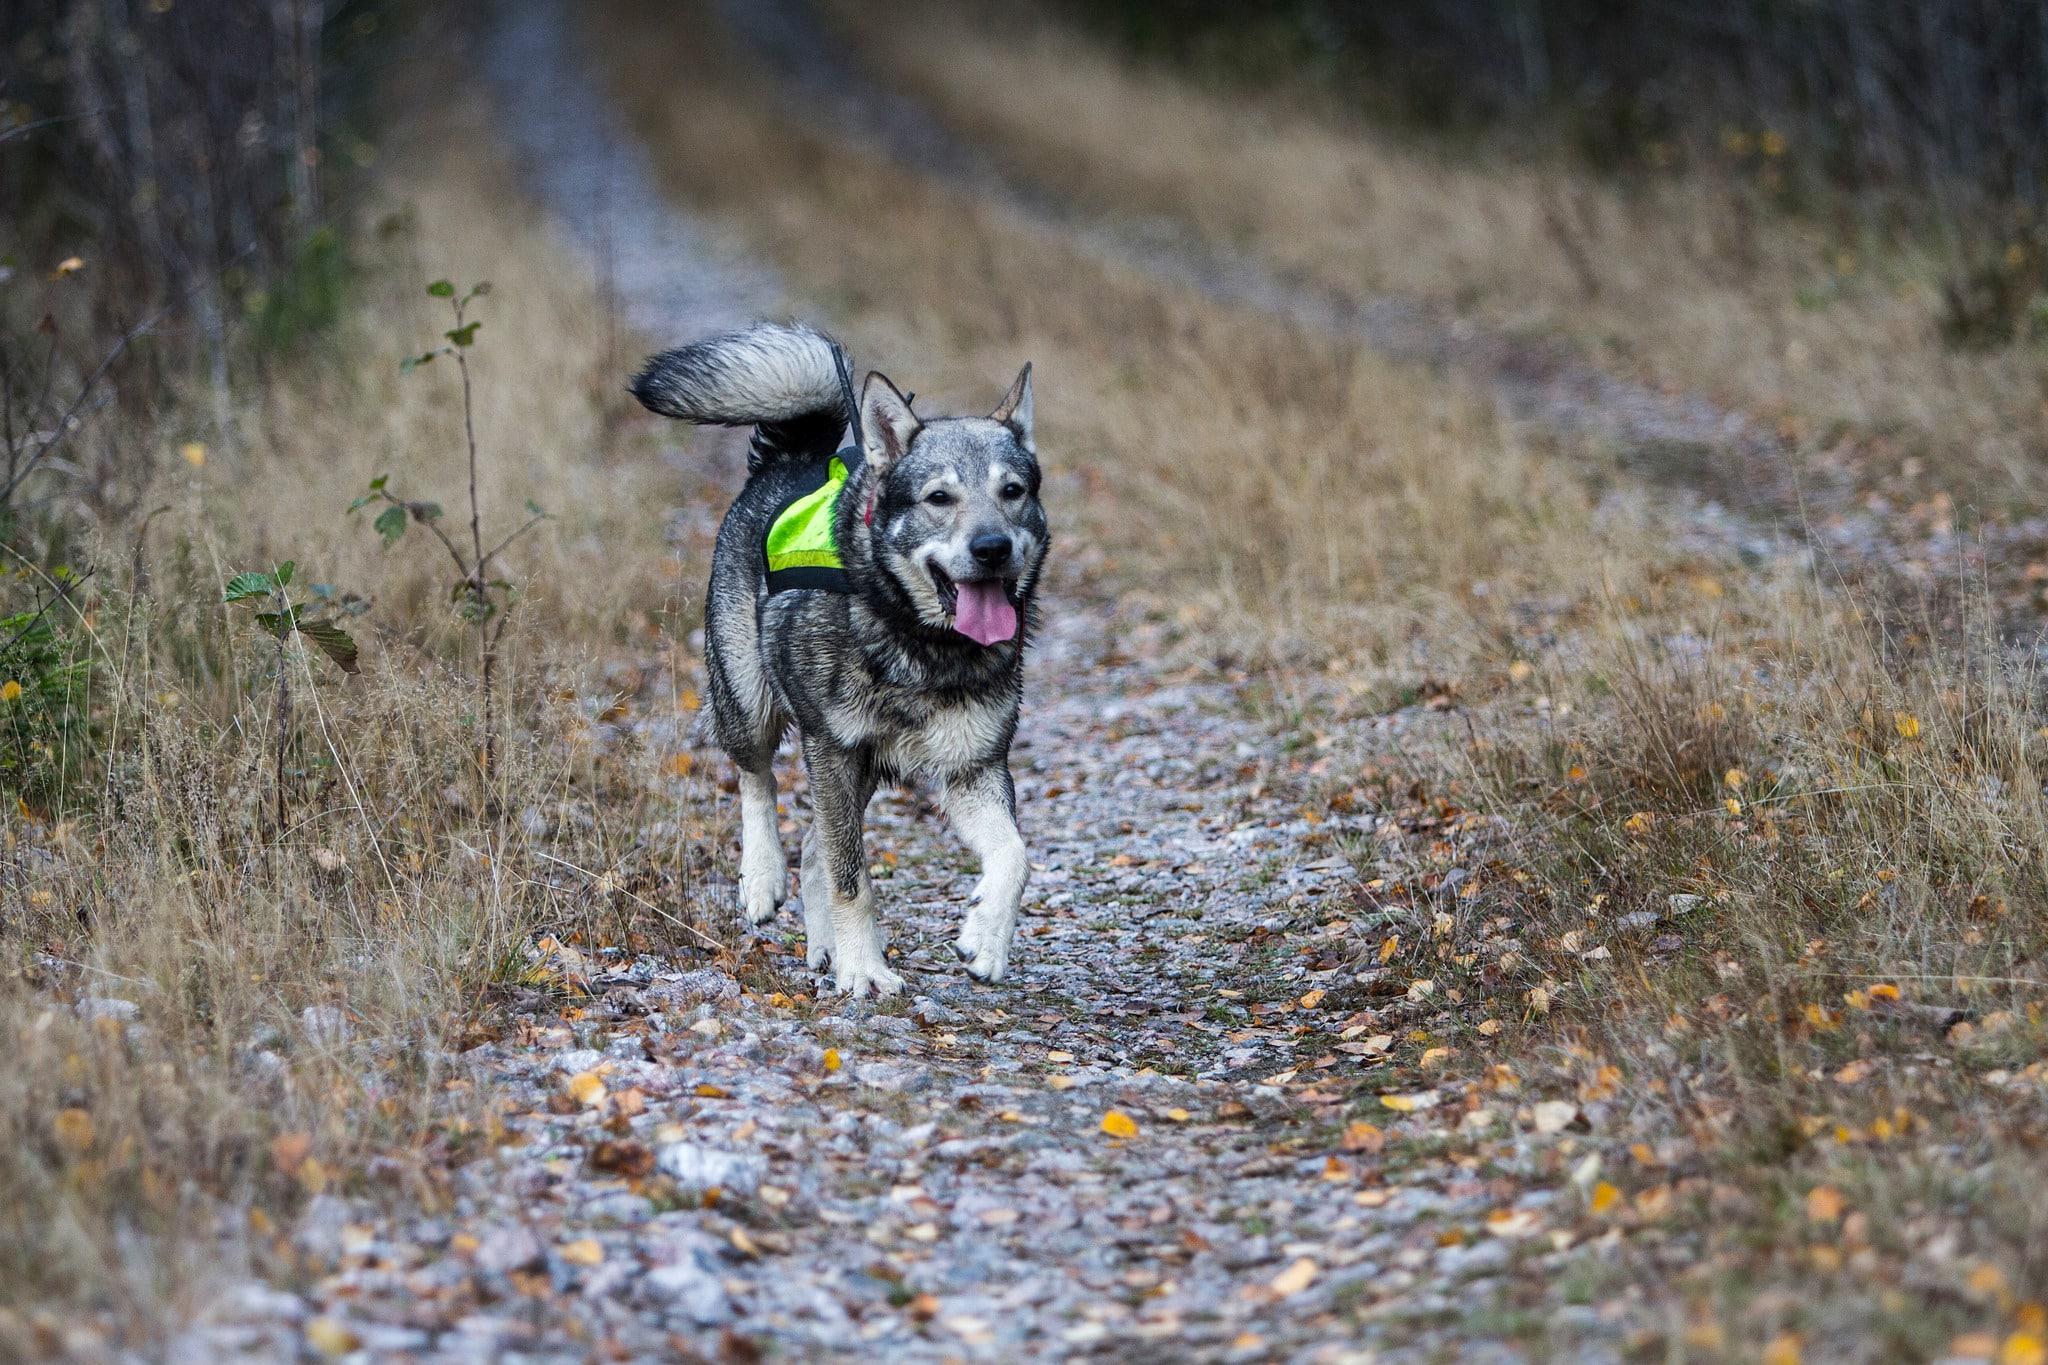 I en motion till Miljöpartiets kongress föreslås att löshundsjakt i vargmarker ska förbjudas och att skyddsjakt på varg inte ska tillåtas om vargen attackerat en löst springande hund. Foto: Olle Olsson